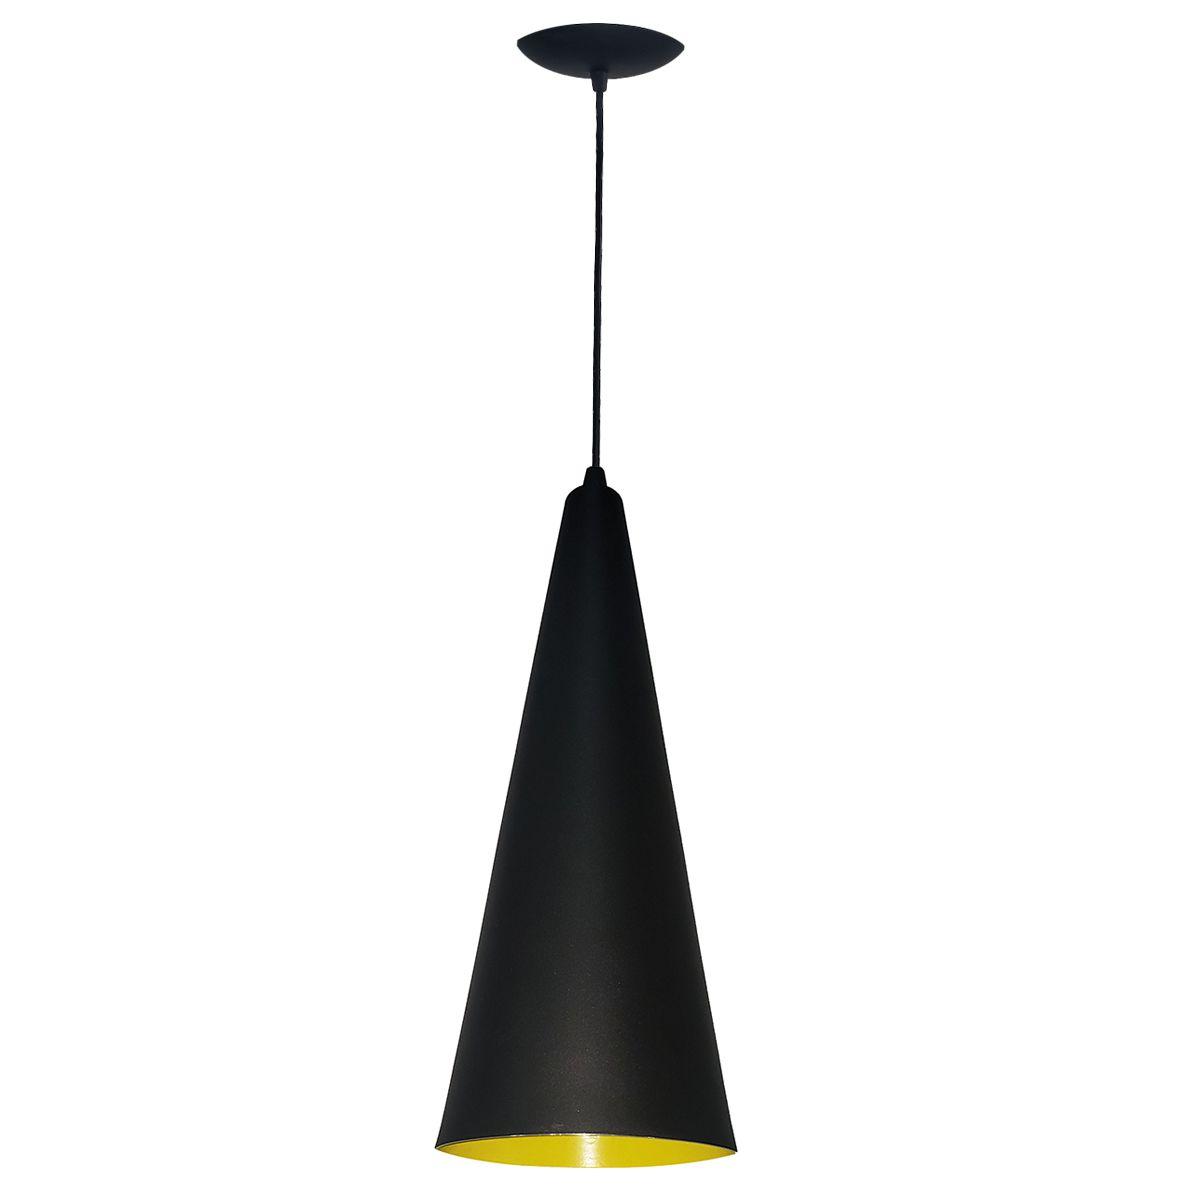 Luminária Decorativa Cone 31 Preto/Amarelo com Pendente